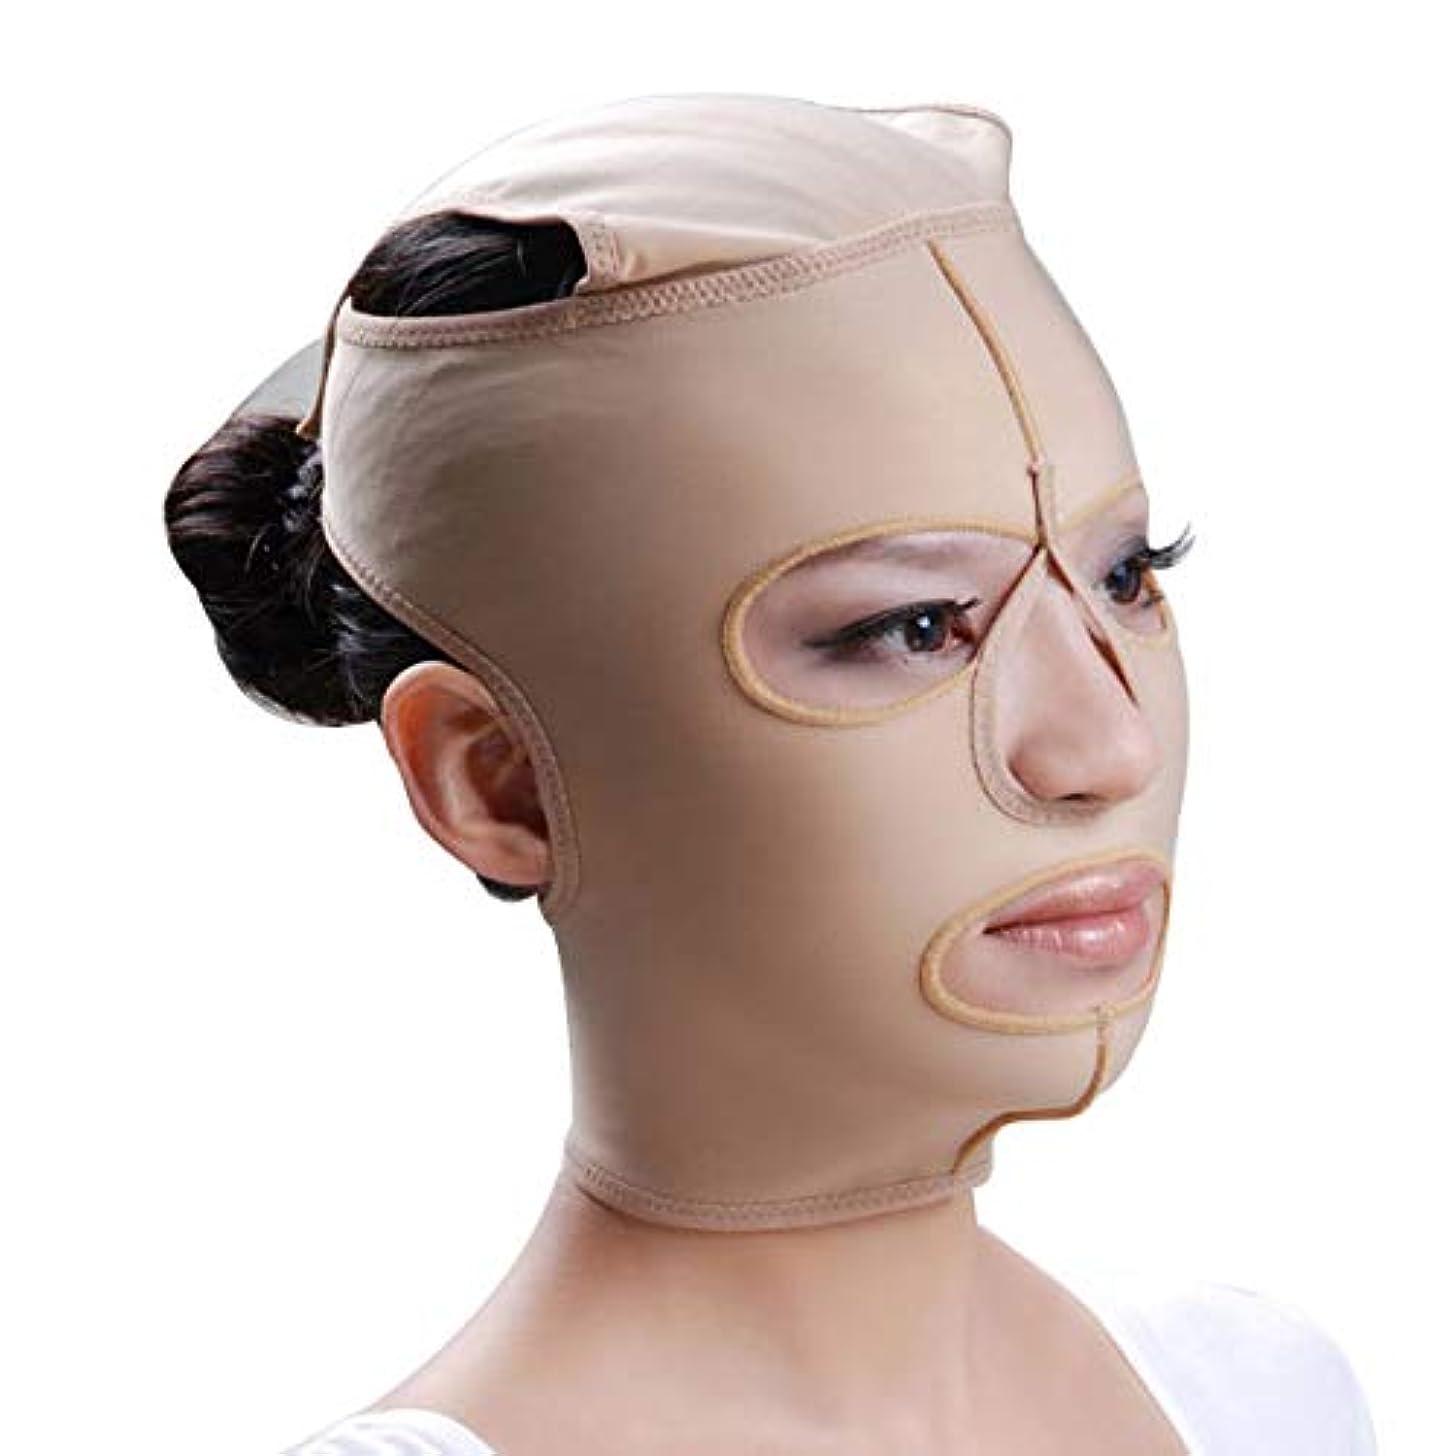 貧しい匹敵します吸収XHLMRMJ 引き締めフェイスマスク、フェイシャルマスク弾性フェイスリフティングリフティング引き締めパターンマイクロ仕上げポストモデリング圧縮フェイスマスク (Size : S)